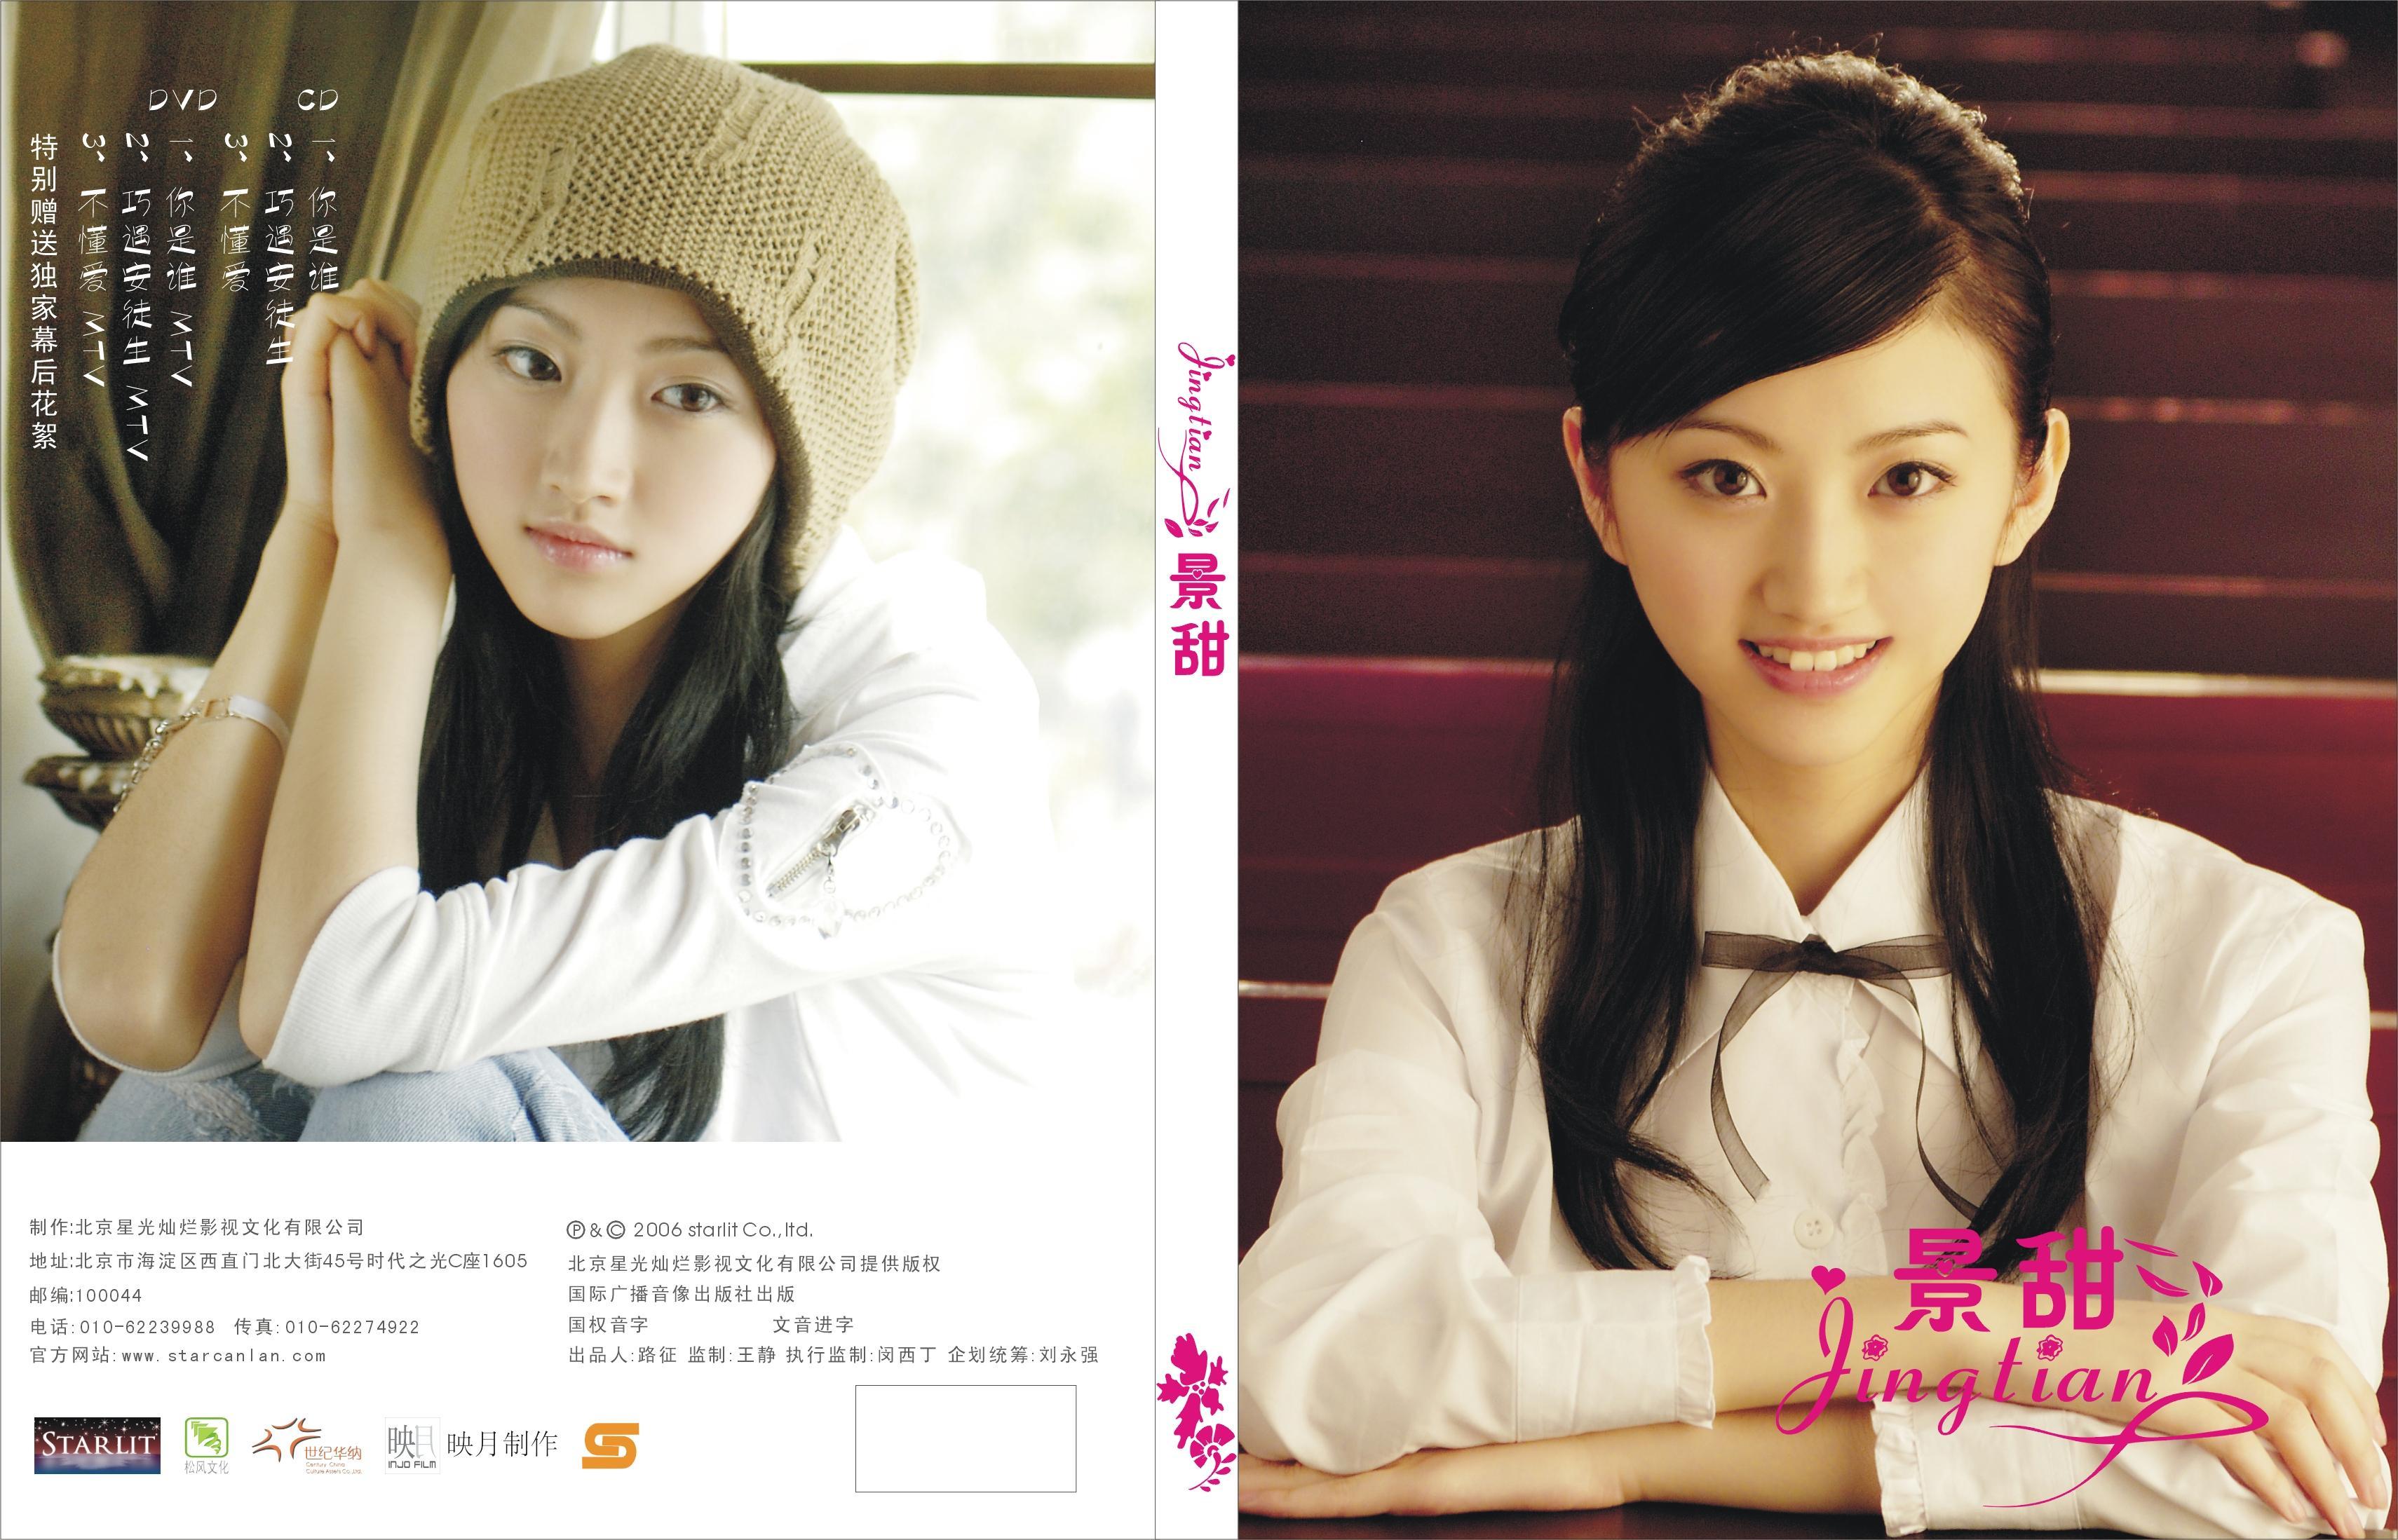 甜蜜语景甜靓专辑封面